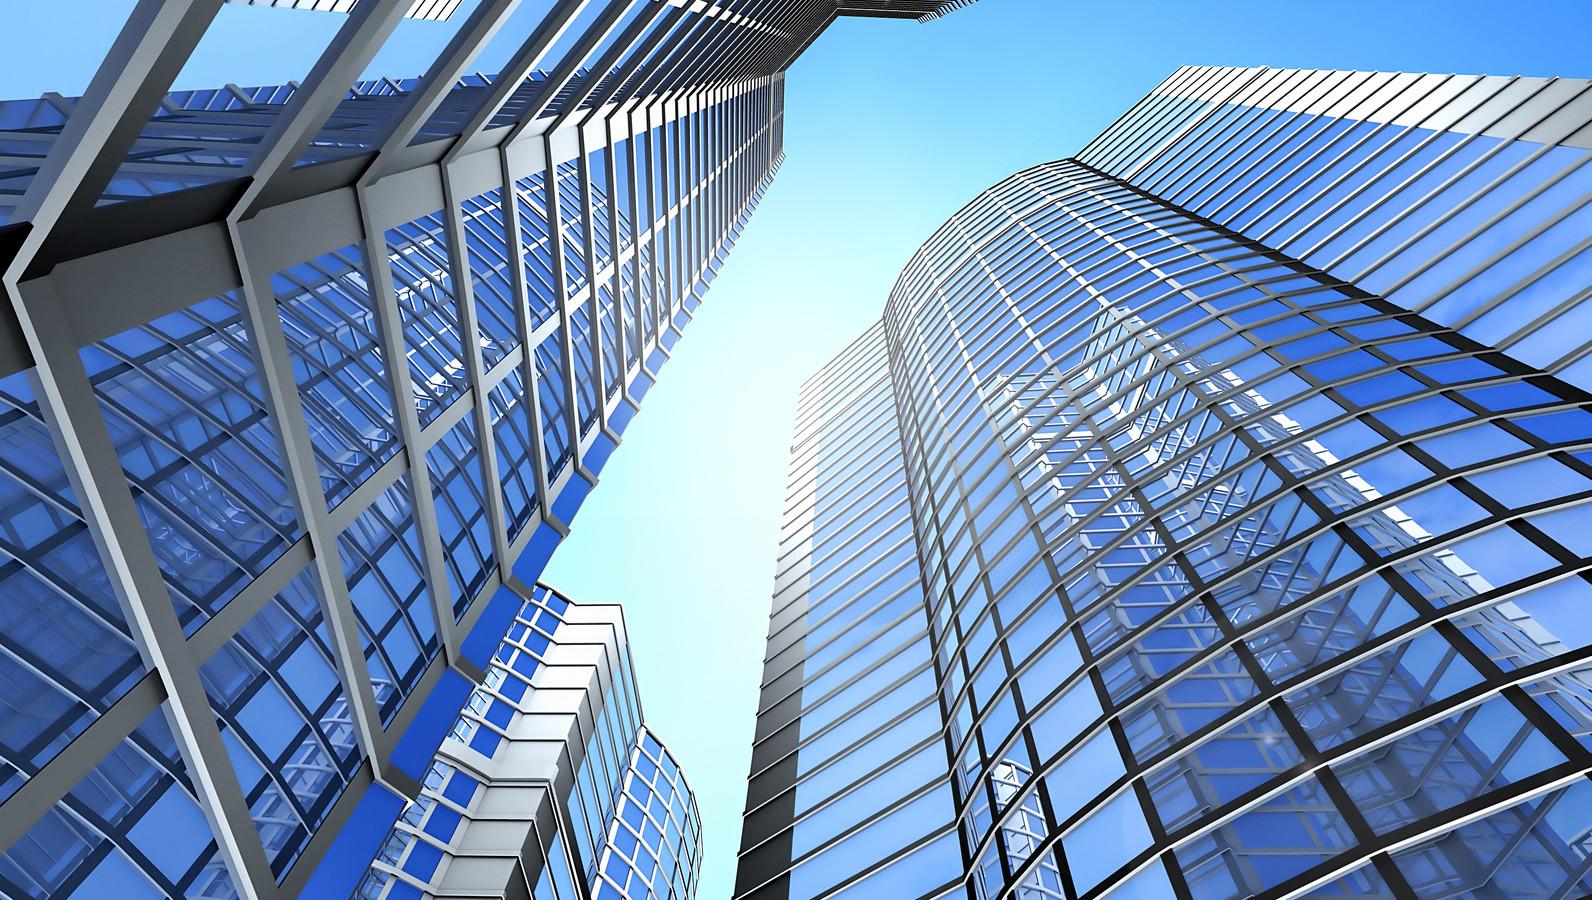 Immobilienwirtschaft 2018: Erwartungen, Ziele und Anforderungen